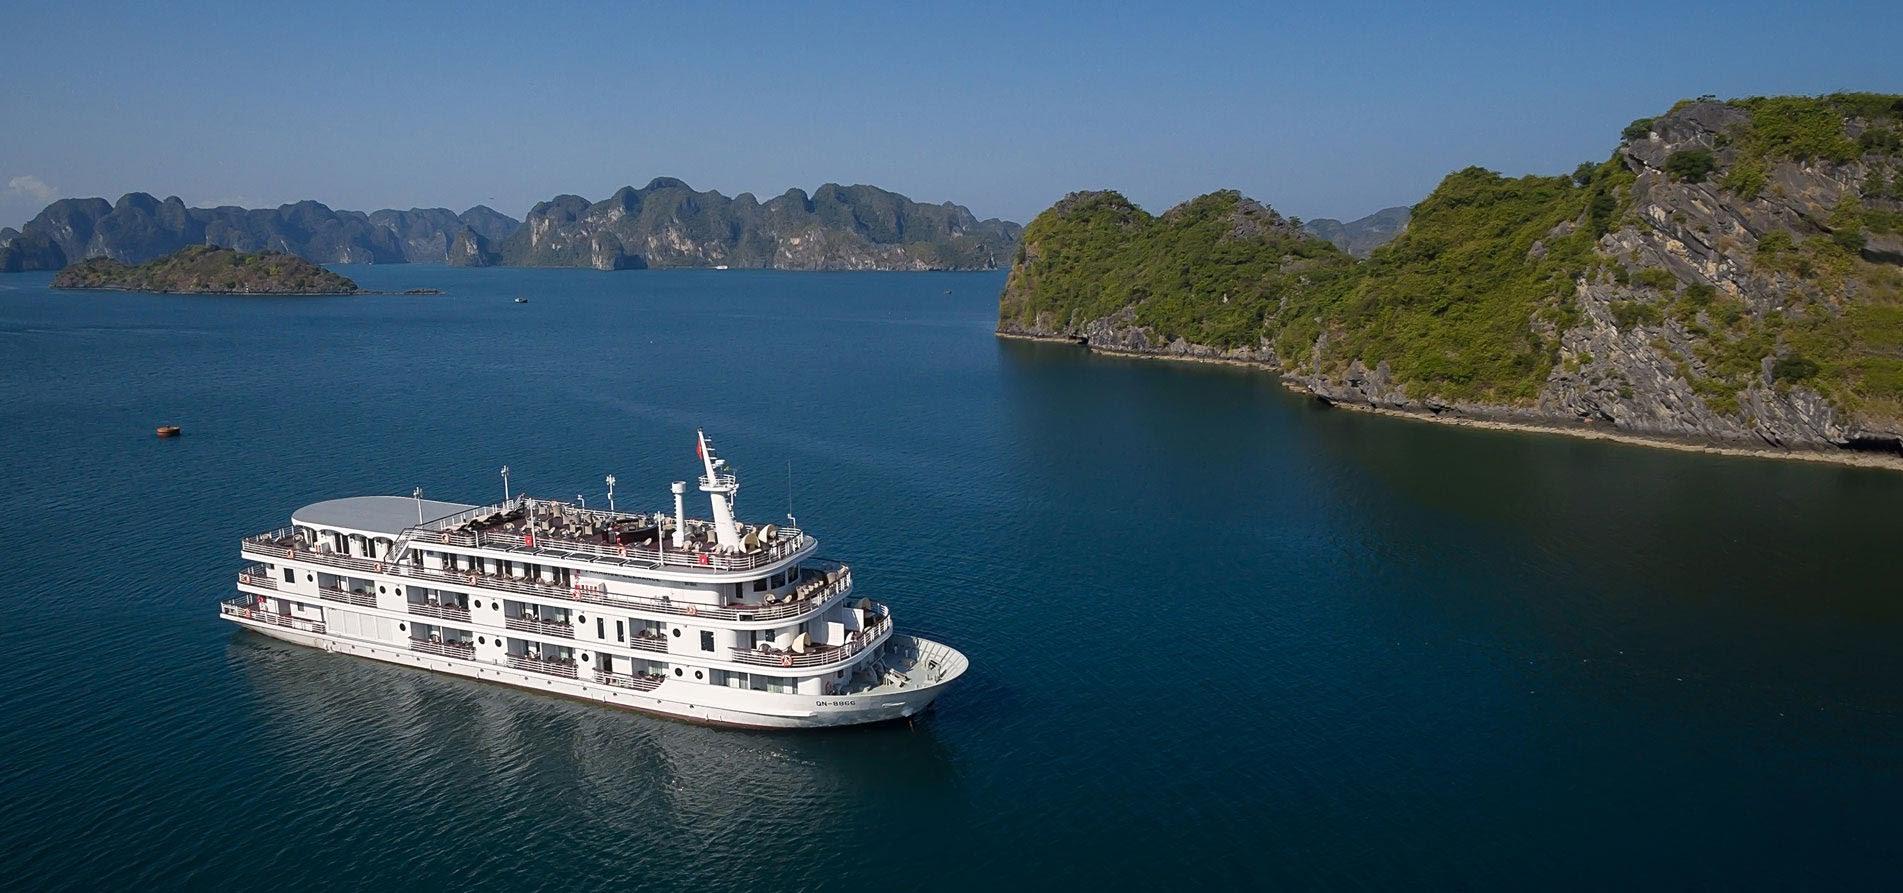 paradise-elegance-cruise-ship-in-halong